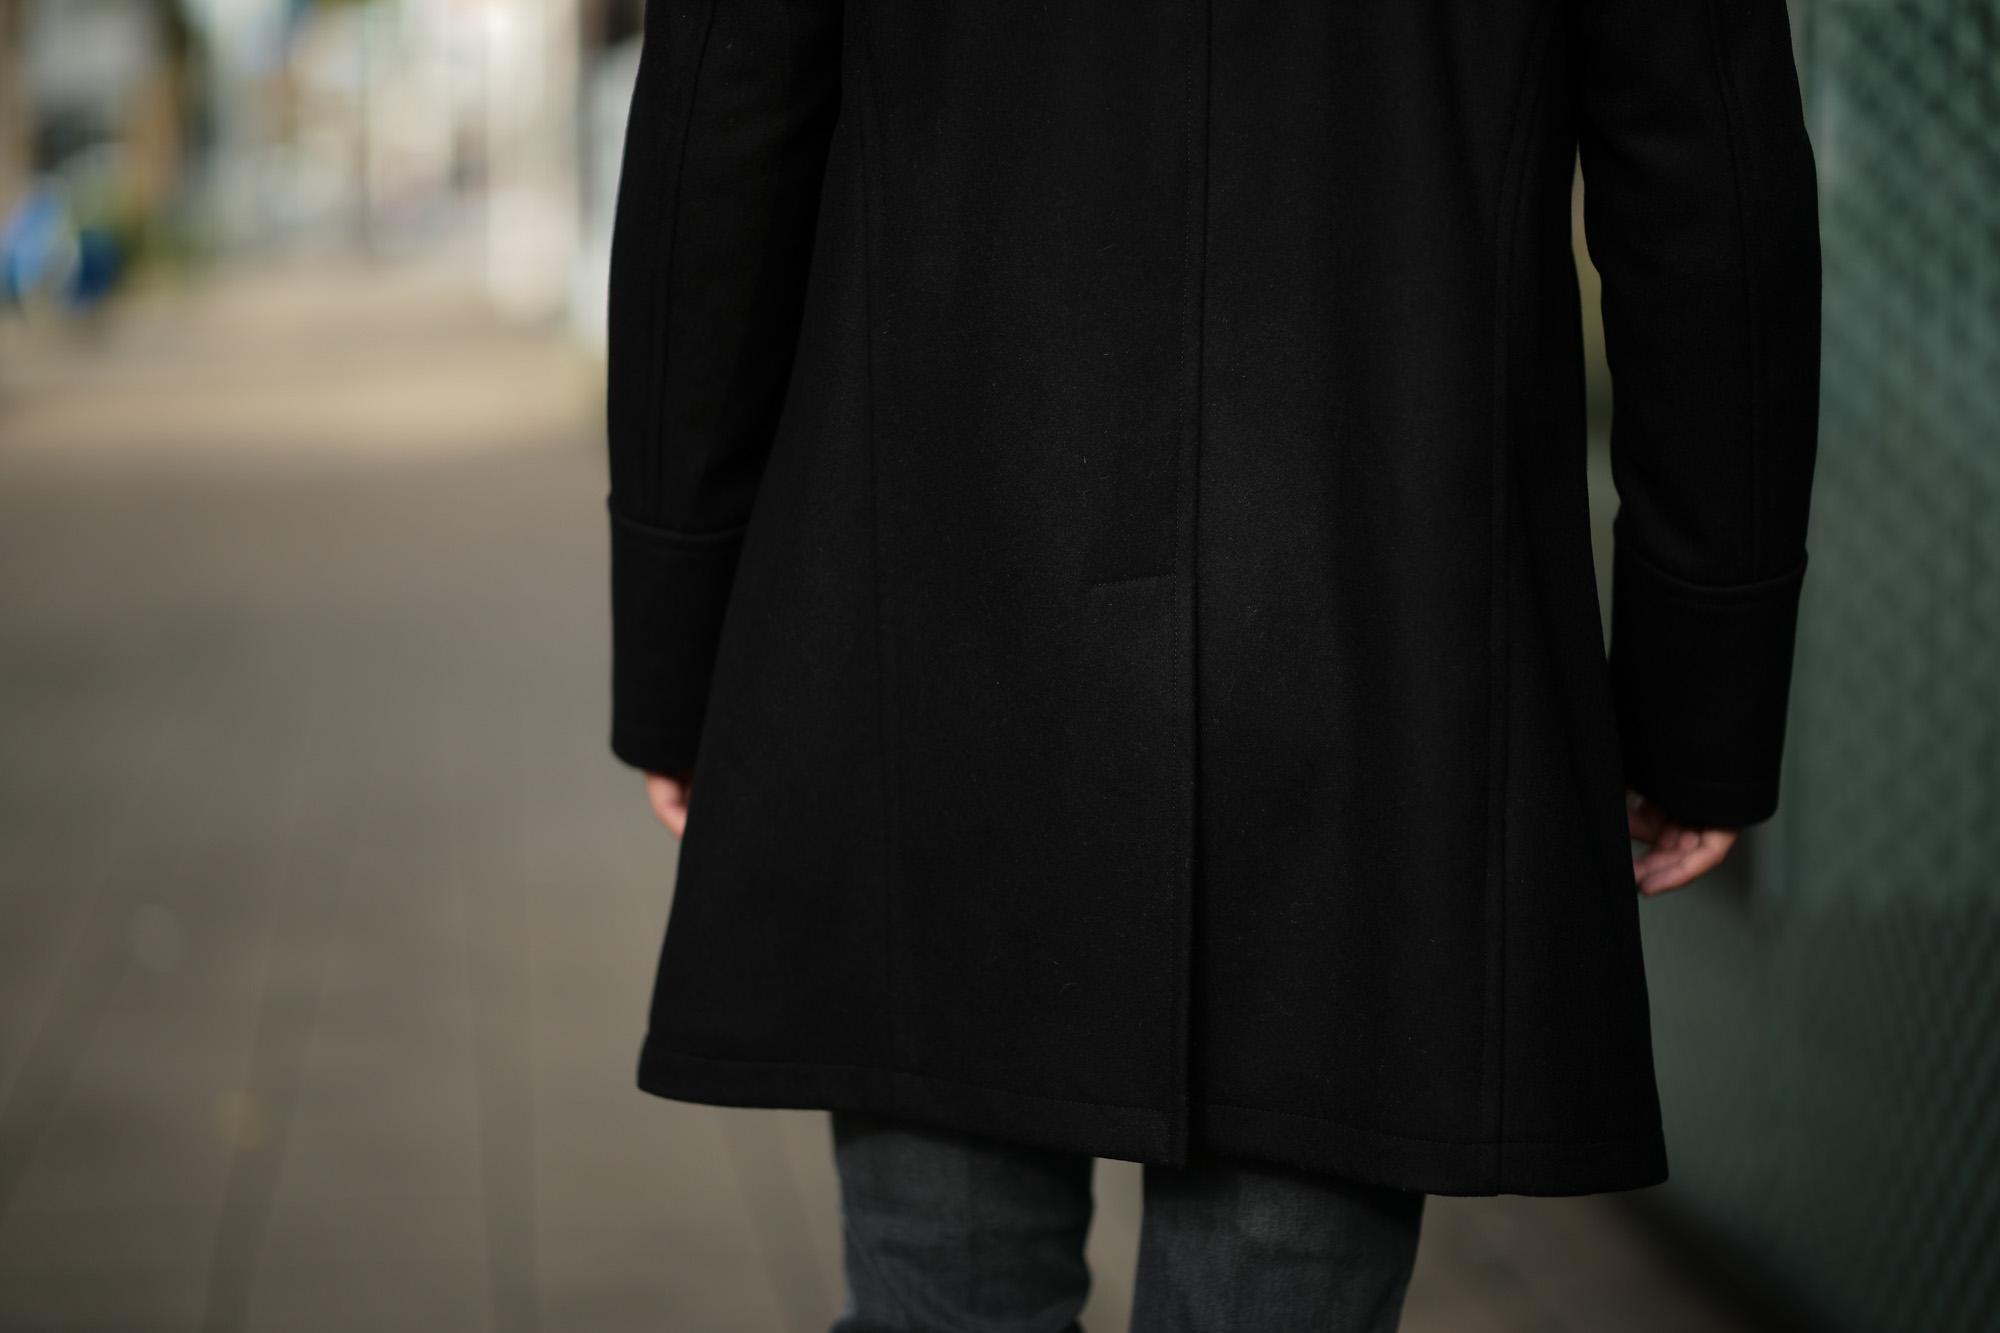 Sealup(シーラップ) GENOVA(ジェノバ) 50002 7591 01 メルトンウール サーモアライニング ロングPコート Pコート ロングピーコート BLACK(ブラック・36)  MADE IN ITALY(イタリア製) 2018 秋冬新作 愛知 名古屋 Alto e Diritto アルト エ デリット alto e diritto アルトエデリット